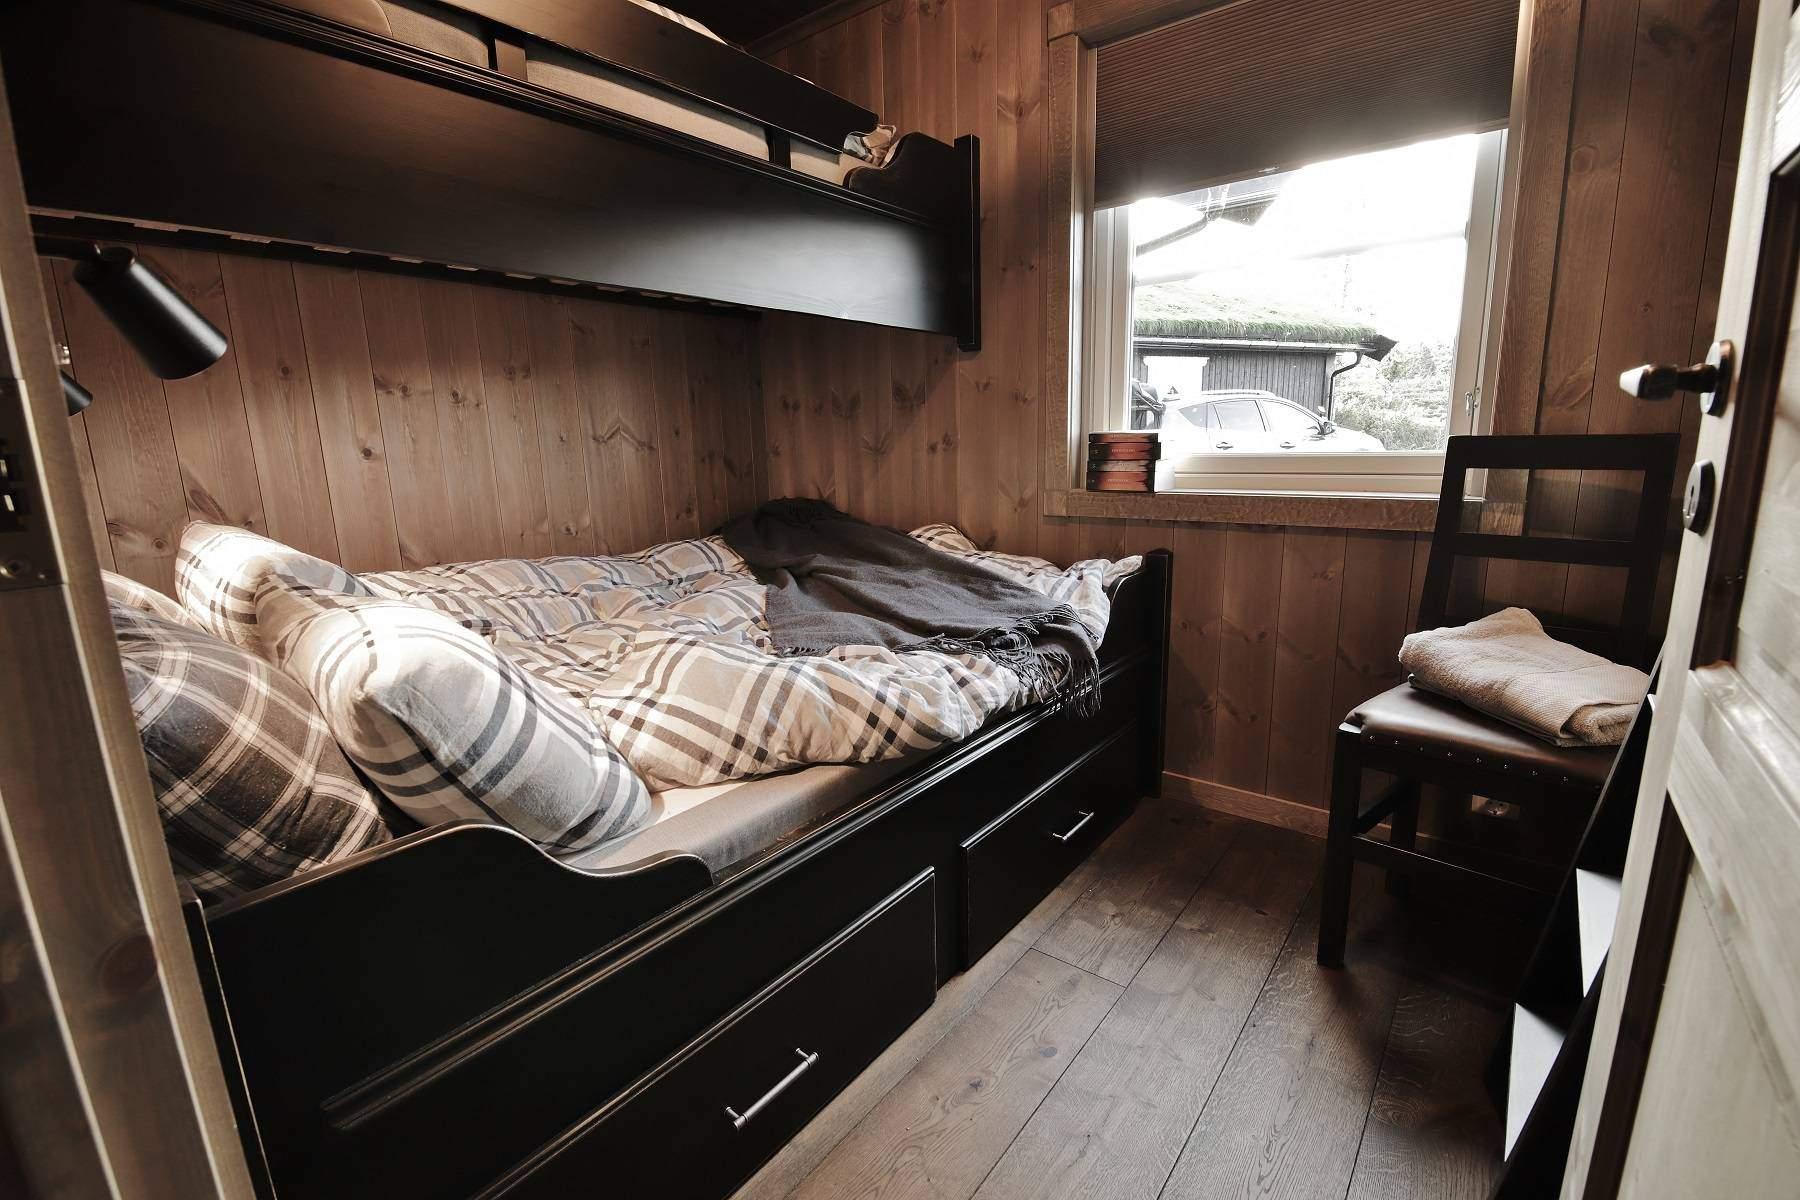 340 Hytteinteriør Hytteinspirasjon Storjuvtinden 114 på Nesbyen. Soverom 2 med Tiutroppen Klassisk familiekøye